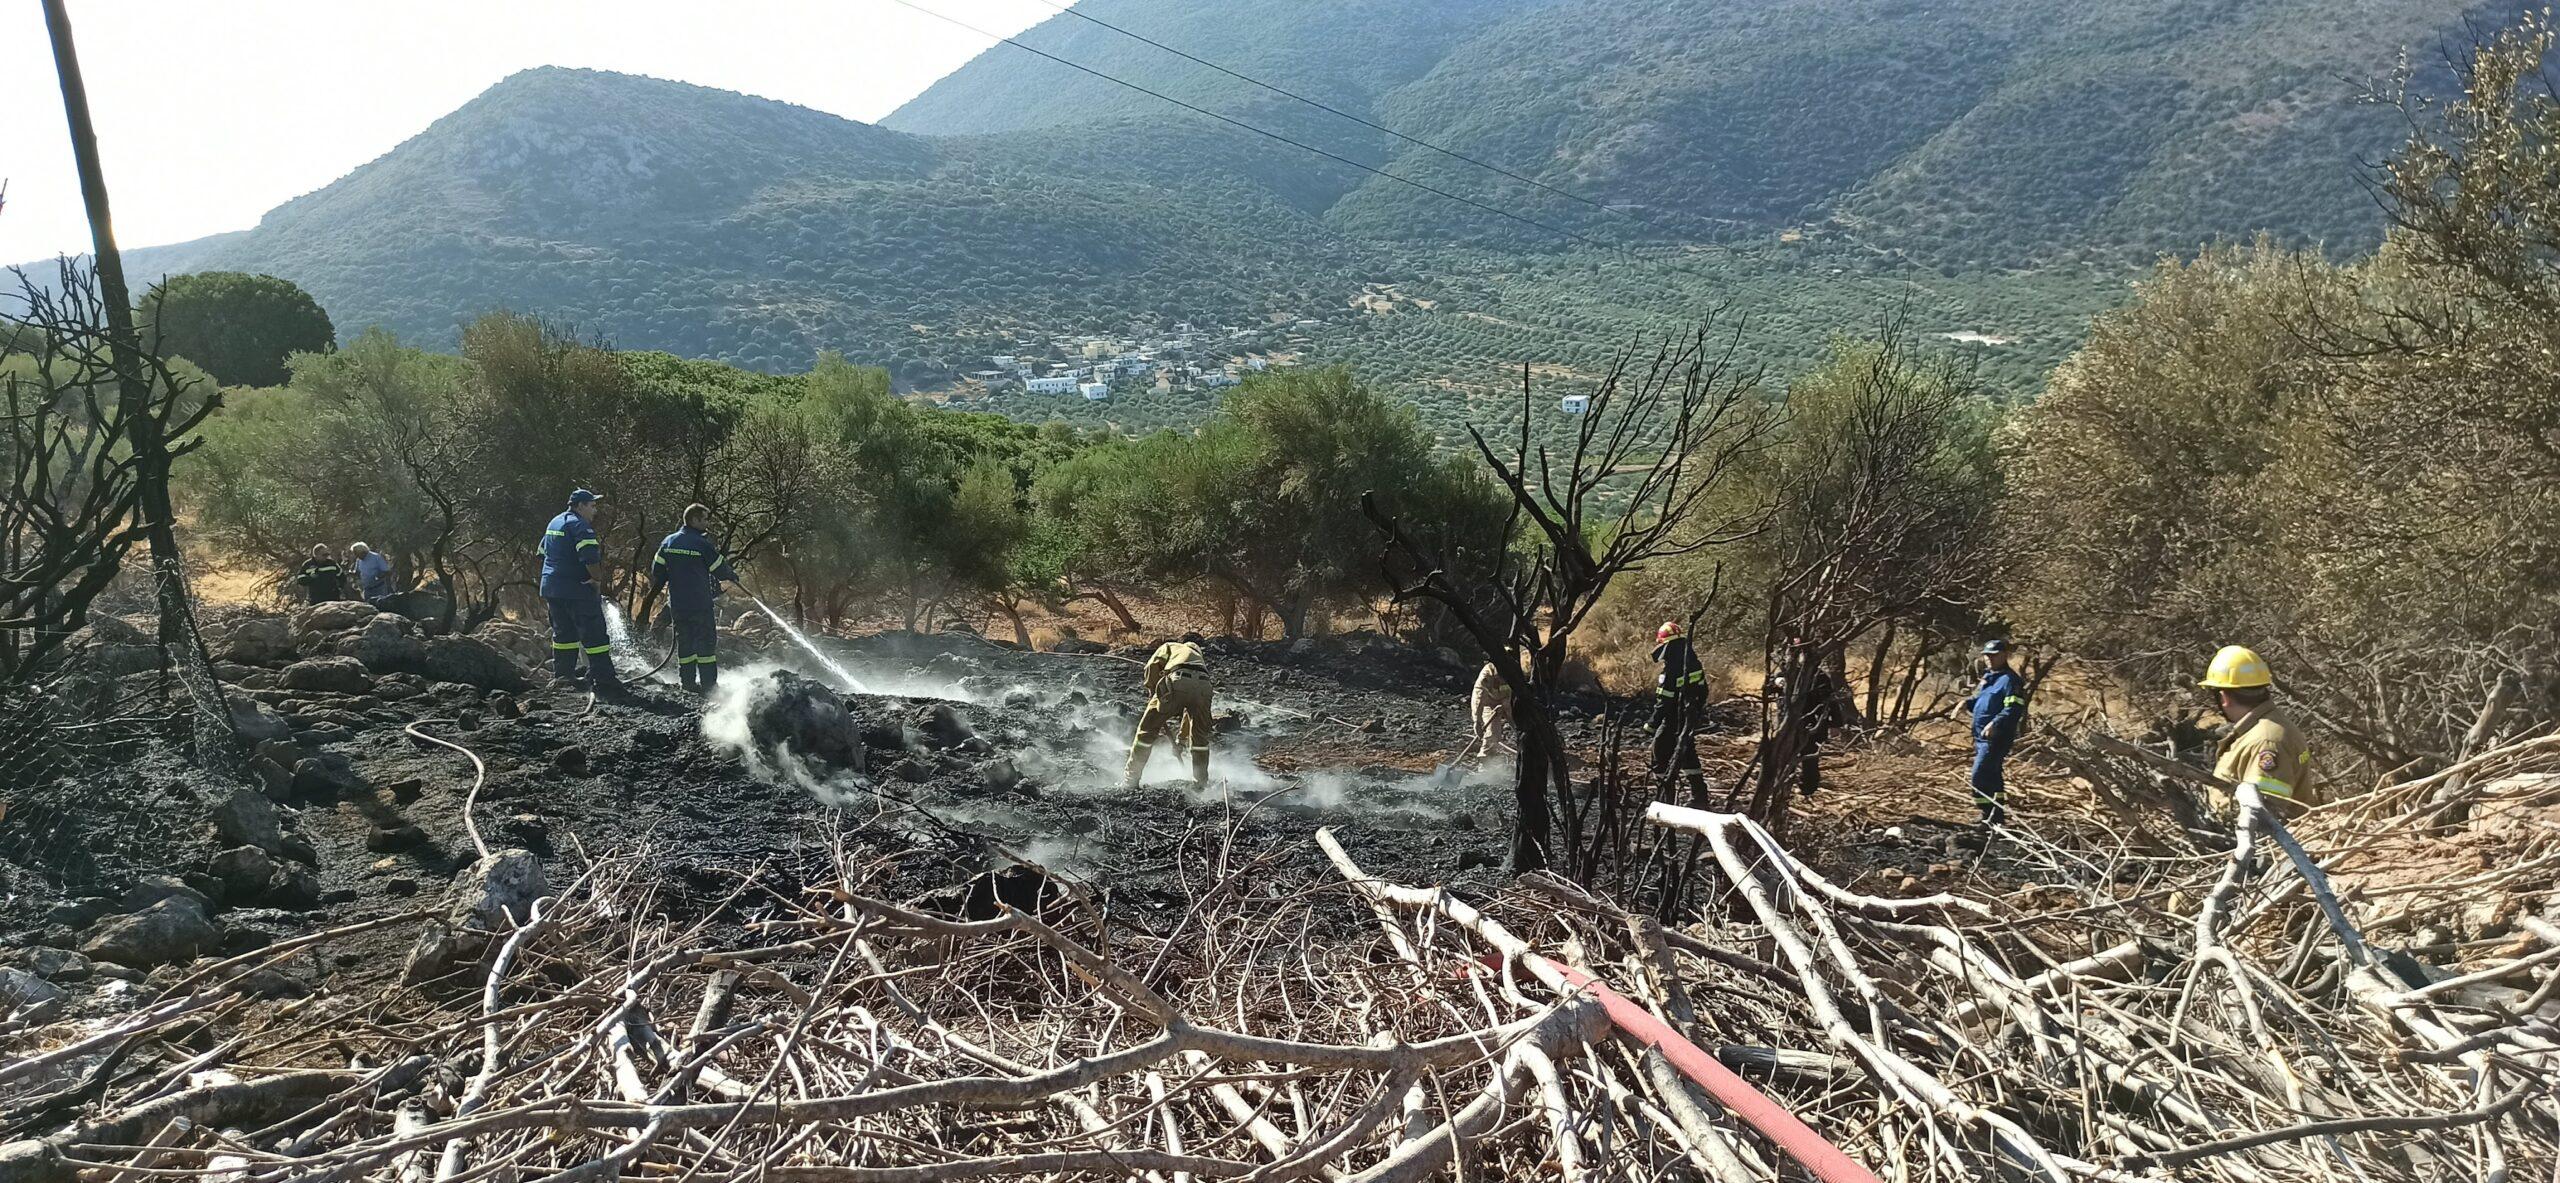 Παραλίγο να καούν τα Λακώνια, οι πυροσβεστικοί κρουνοί δεν είχαν νερό